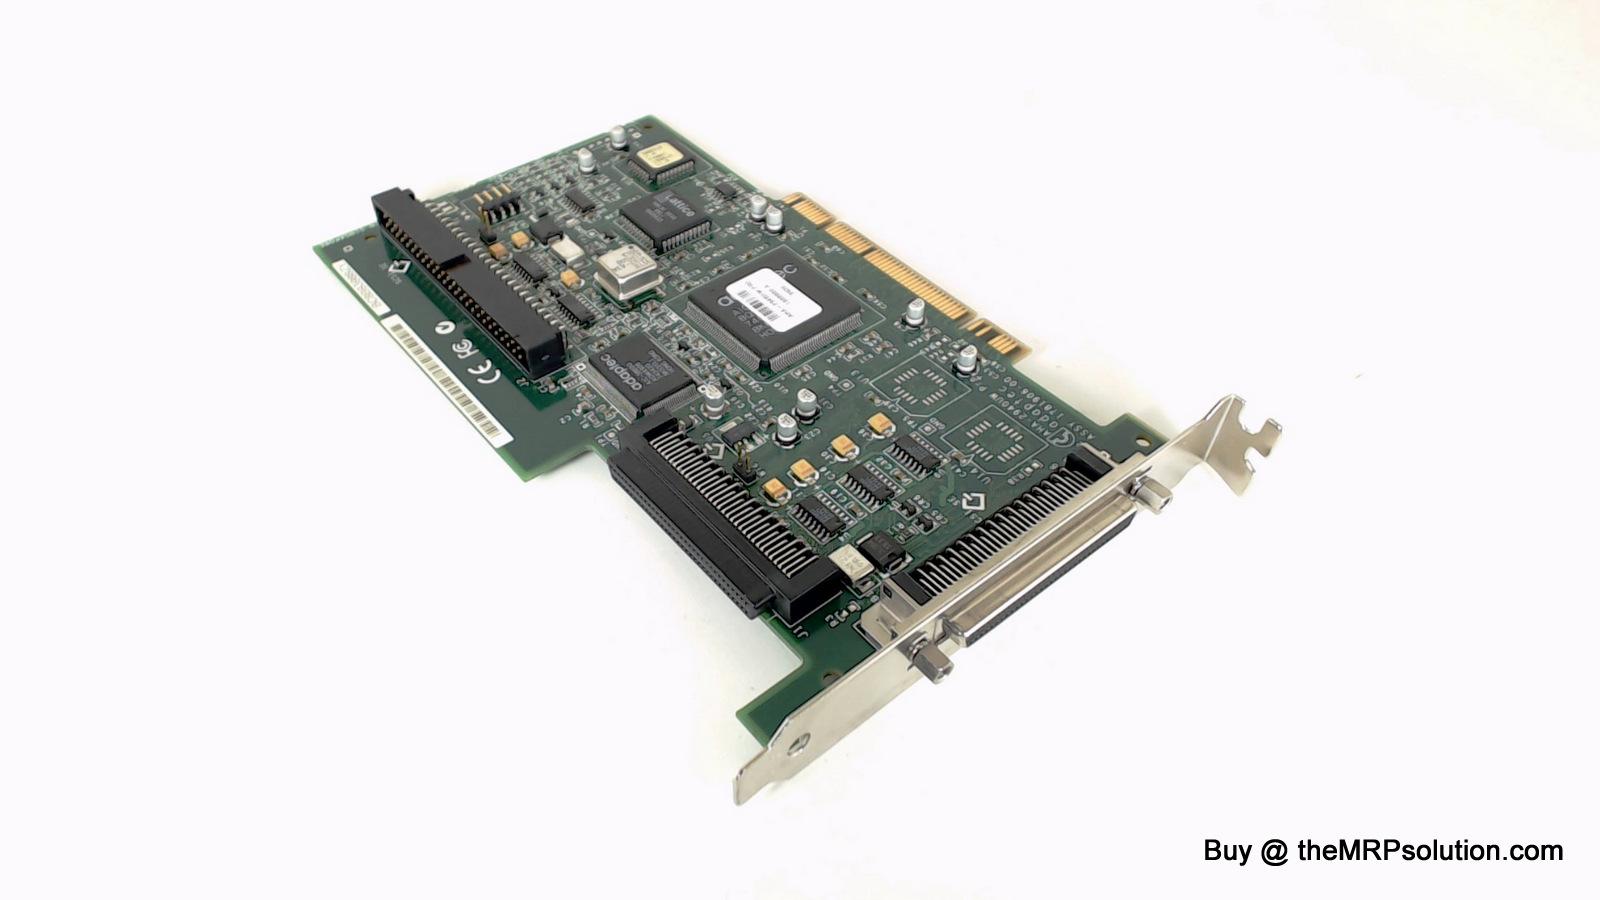 ADAPTEC AHA-2940UW ULTRA WIDE SCSI ADAPTER, PCI New